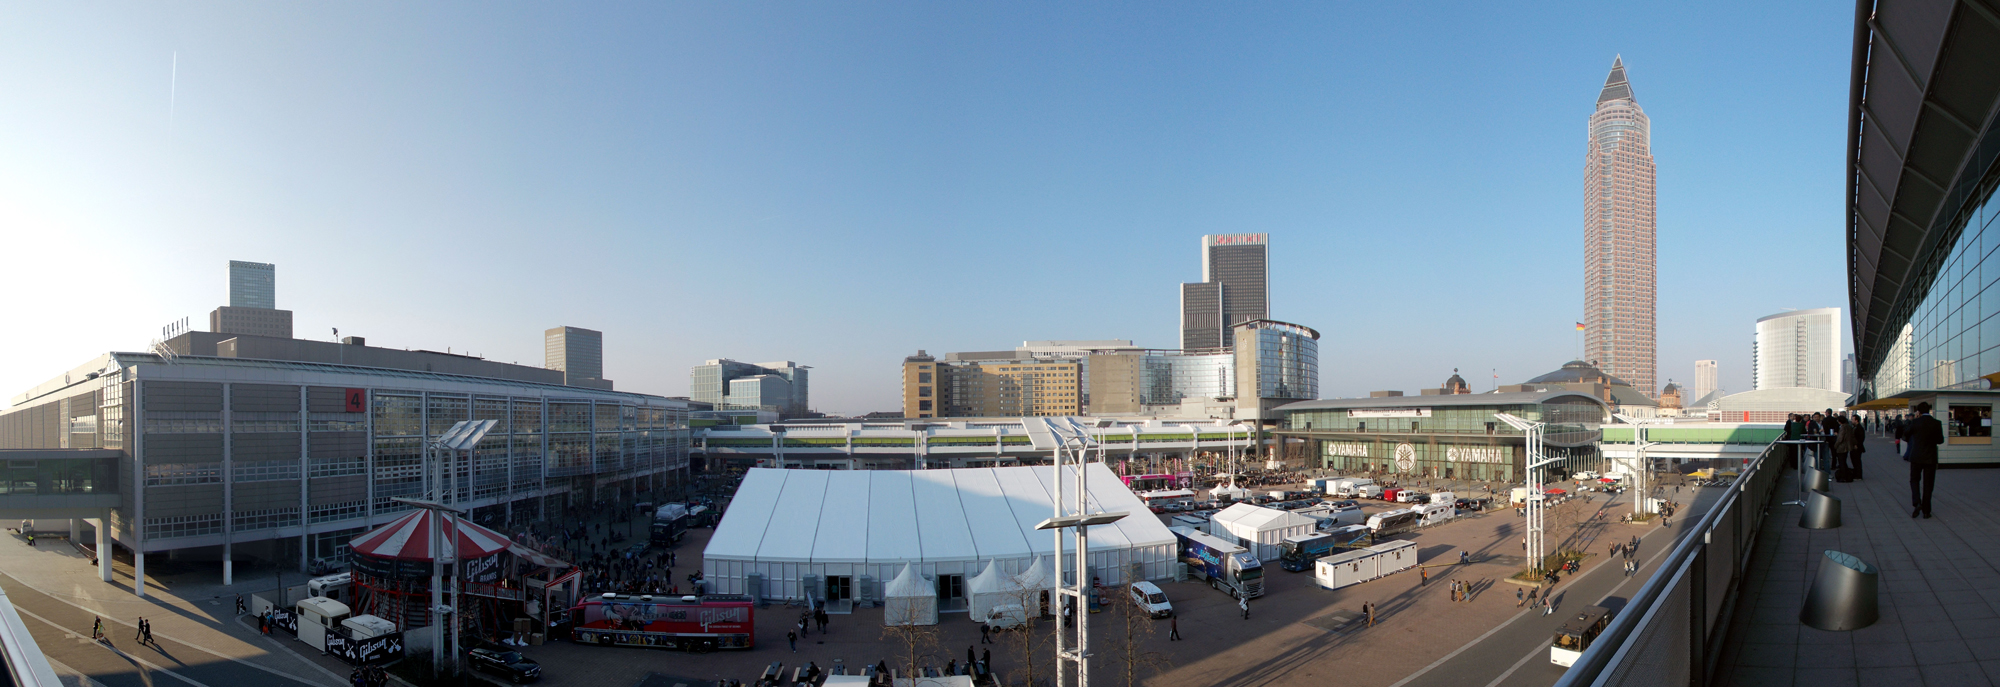 Panorama über die Agora-Stage